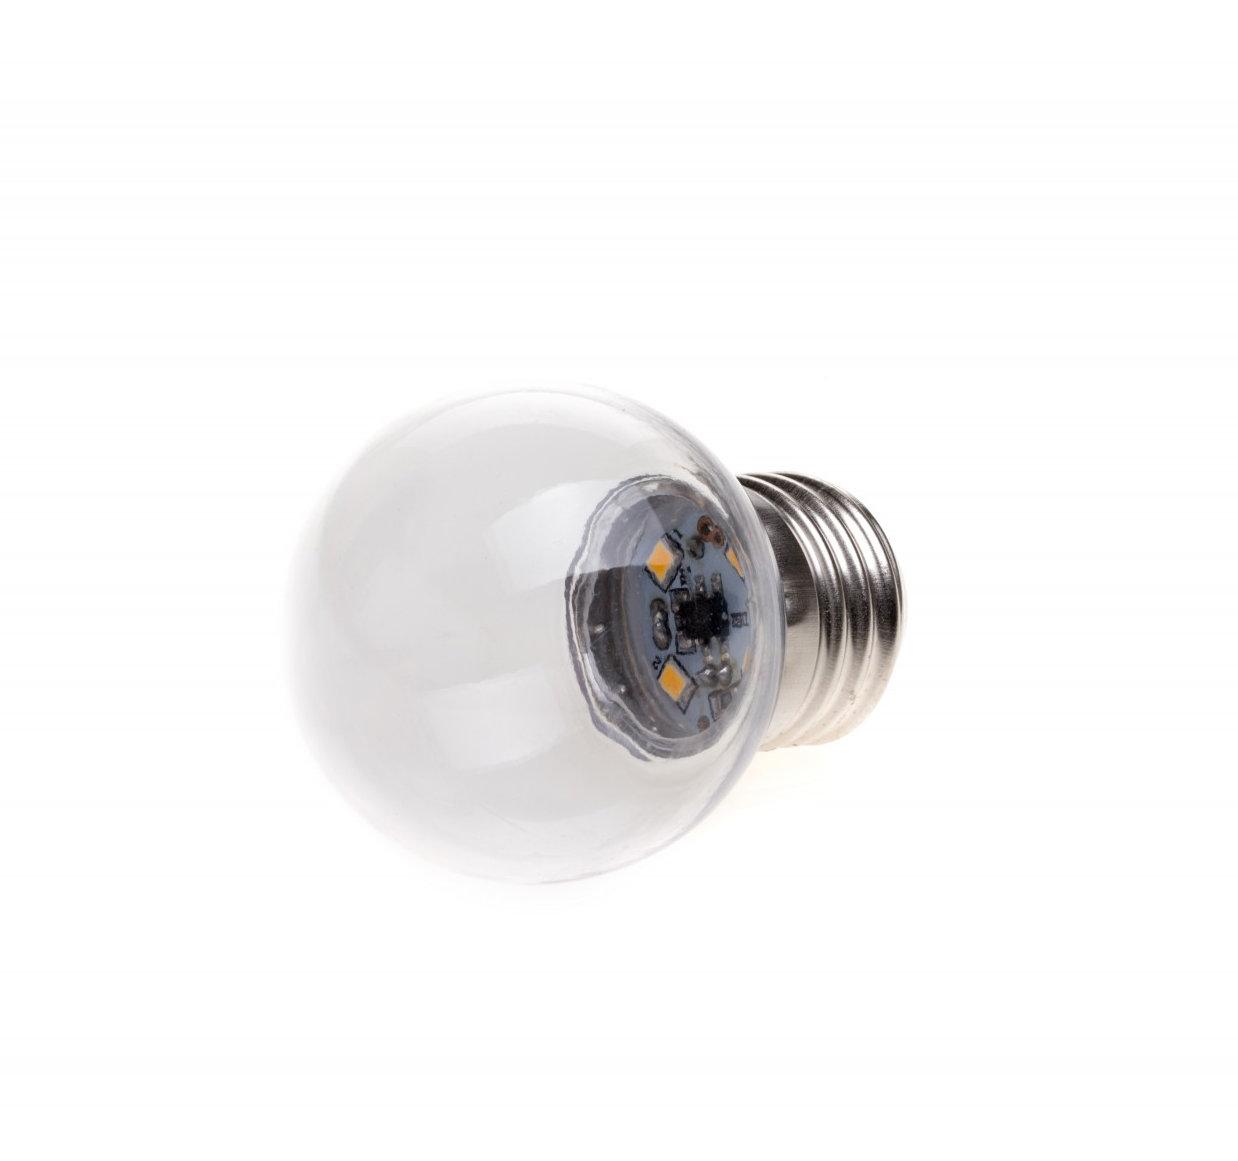 LED Dekoratívna žiarovka pre svetelné šnúry a reťaze, E27, 1W, Transparentná (2)